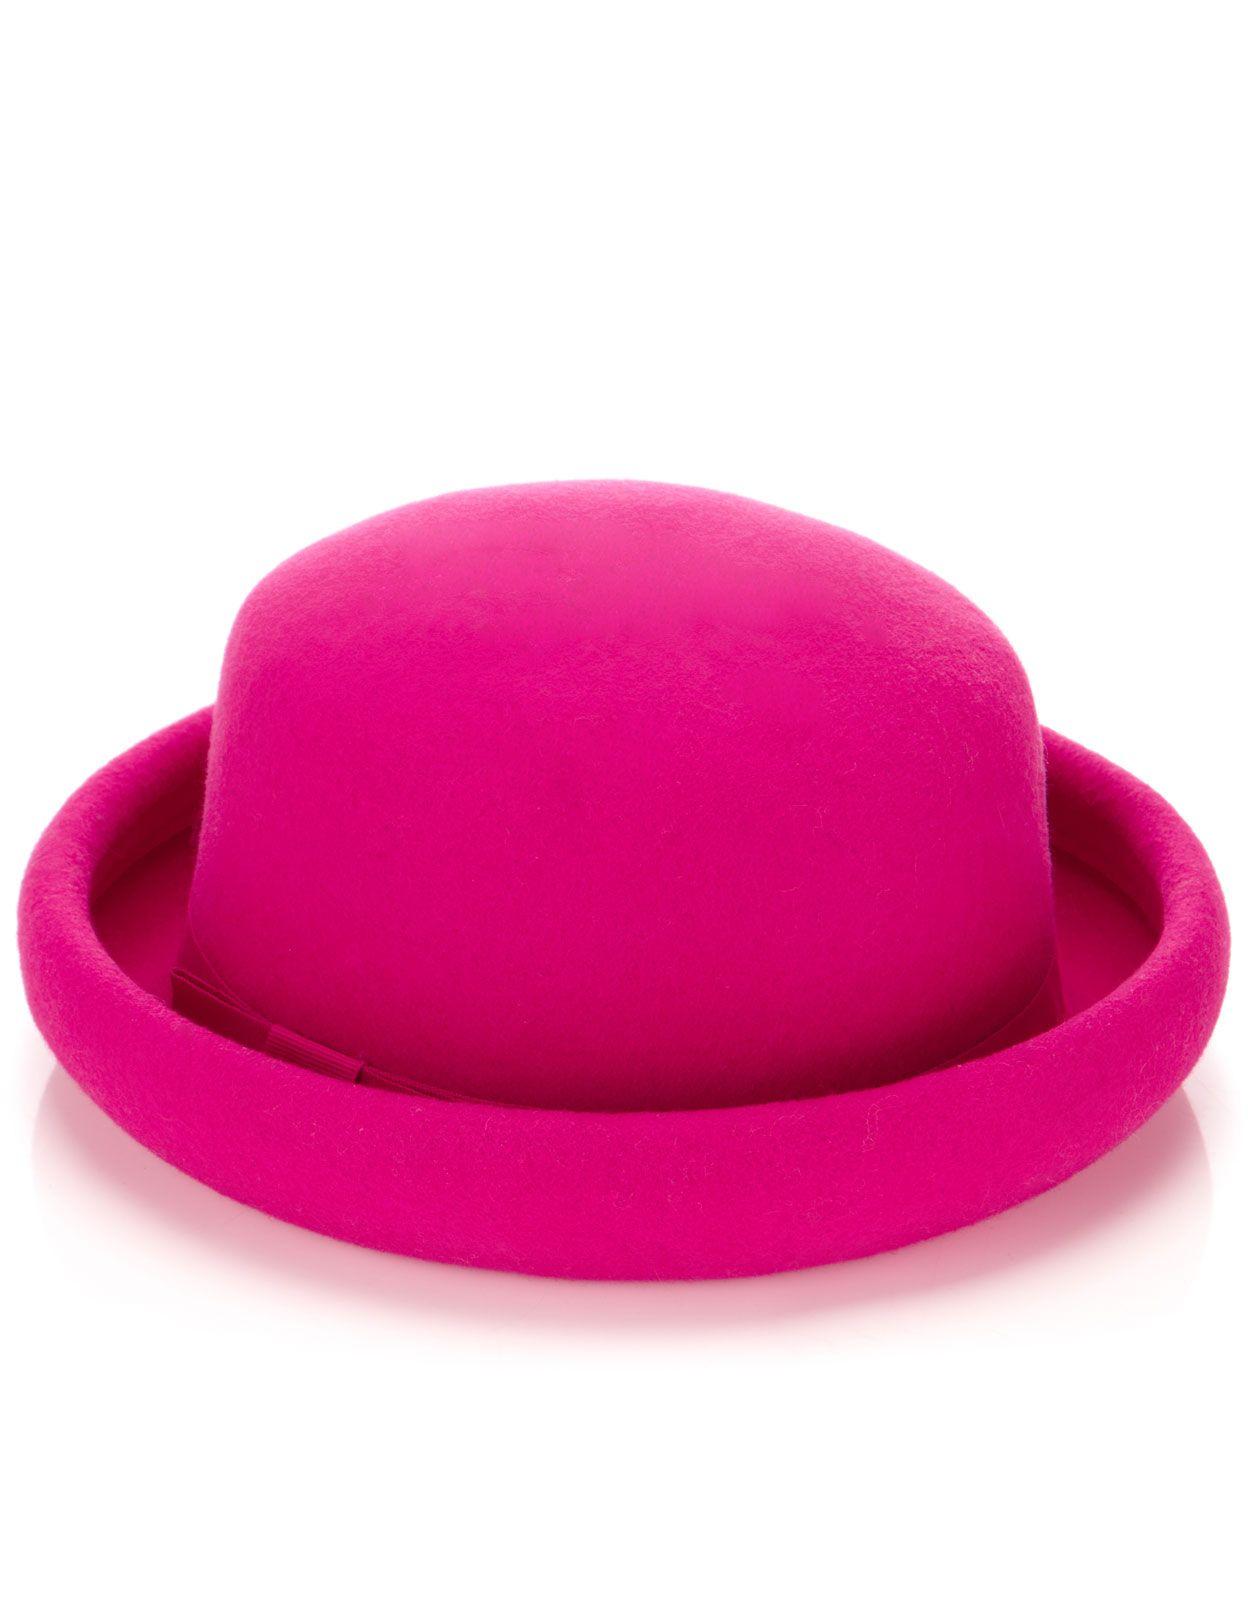 Filz-Melonenhut mit gerollter Krempe   Pink   Accessorize